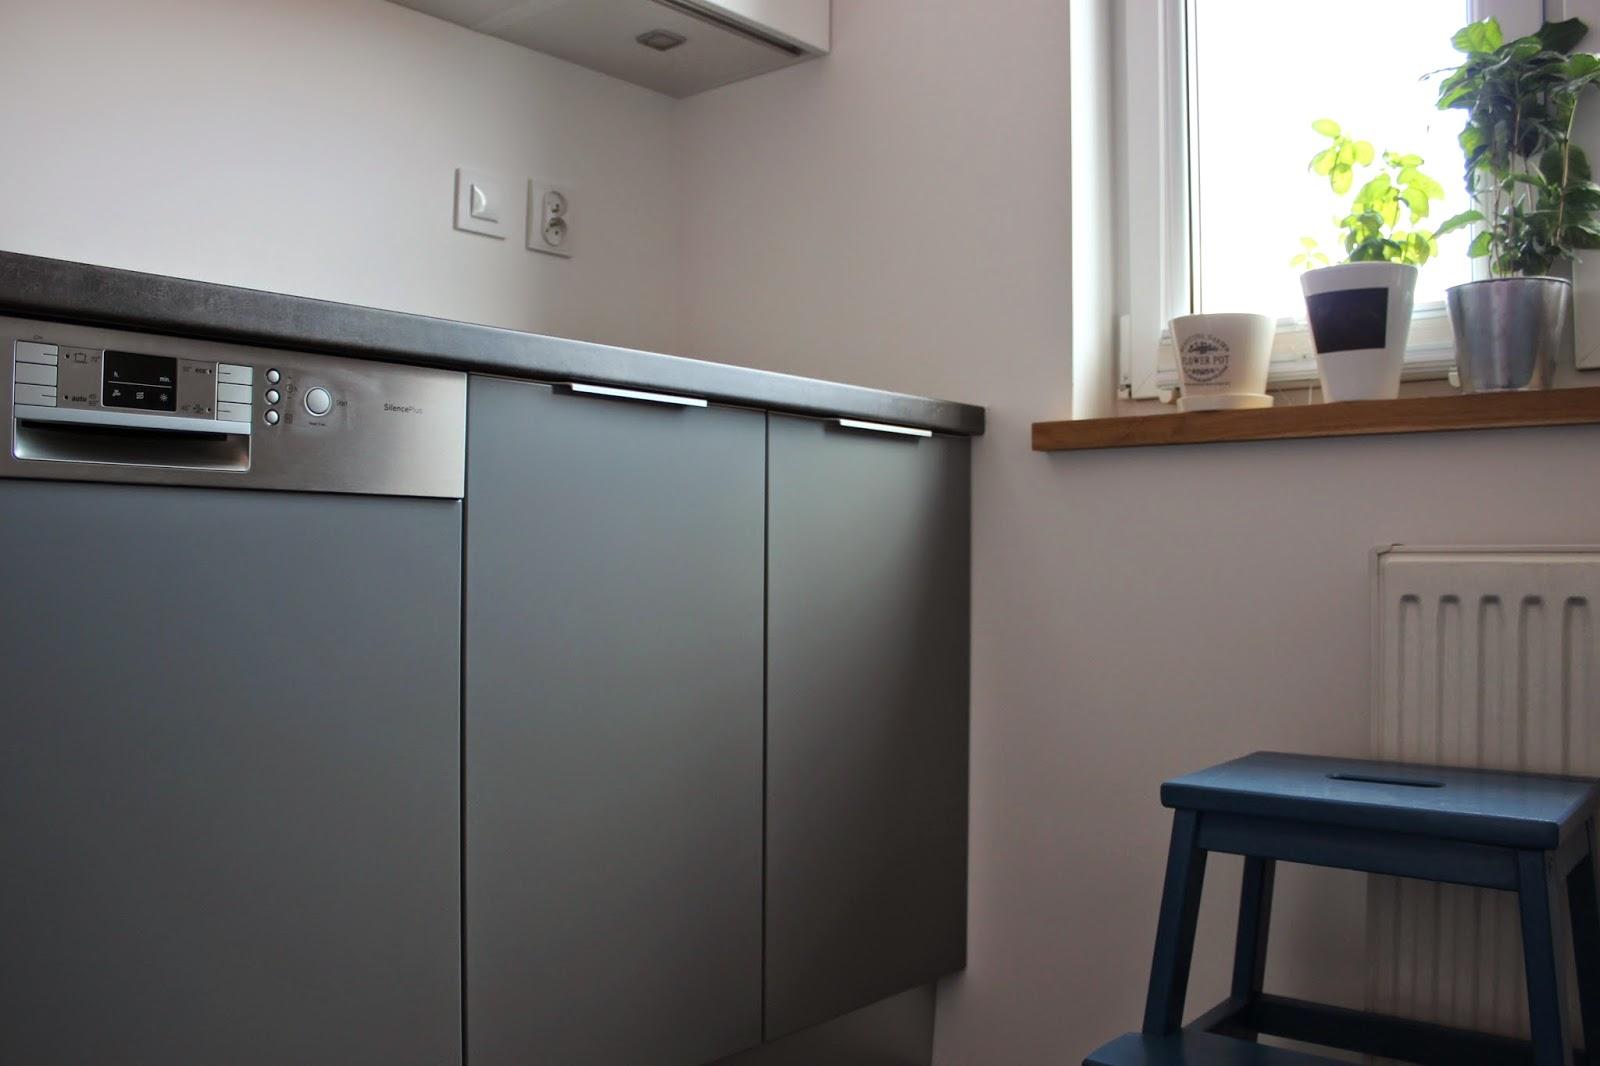 BENO Szary mat w kuchni -> Kuchnia Grafit Mat